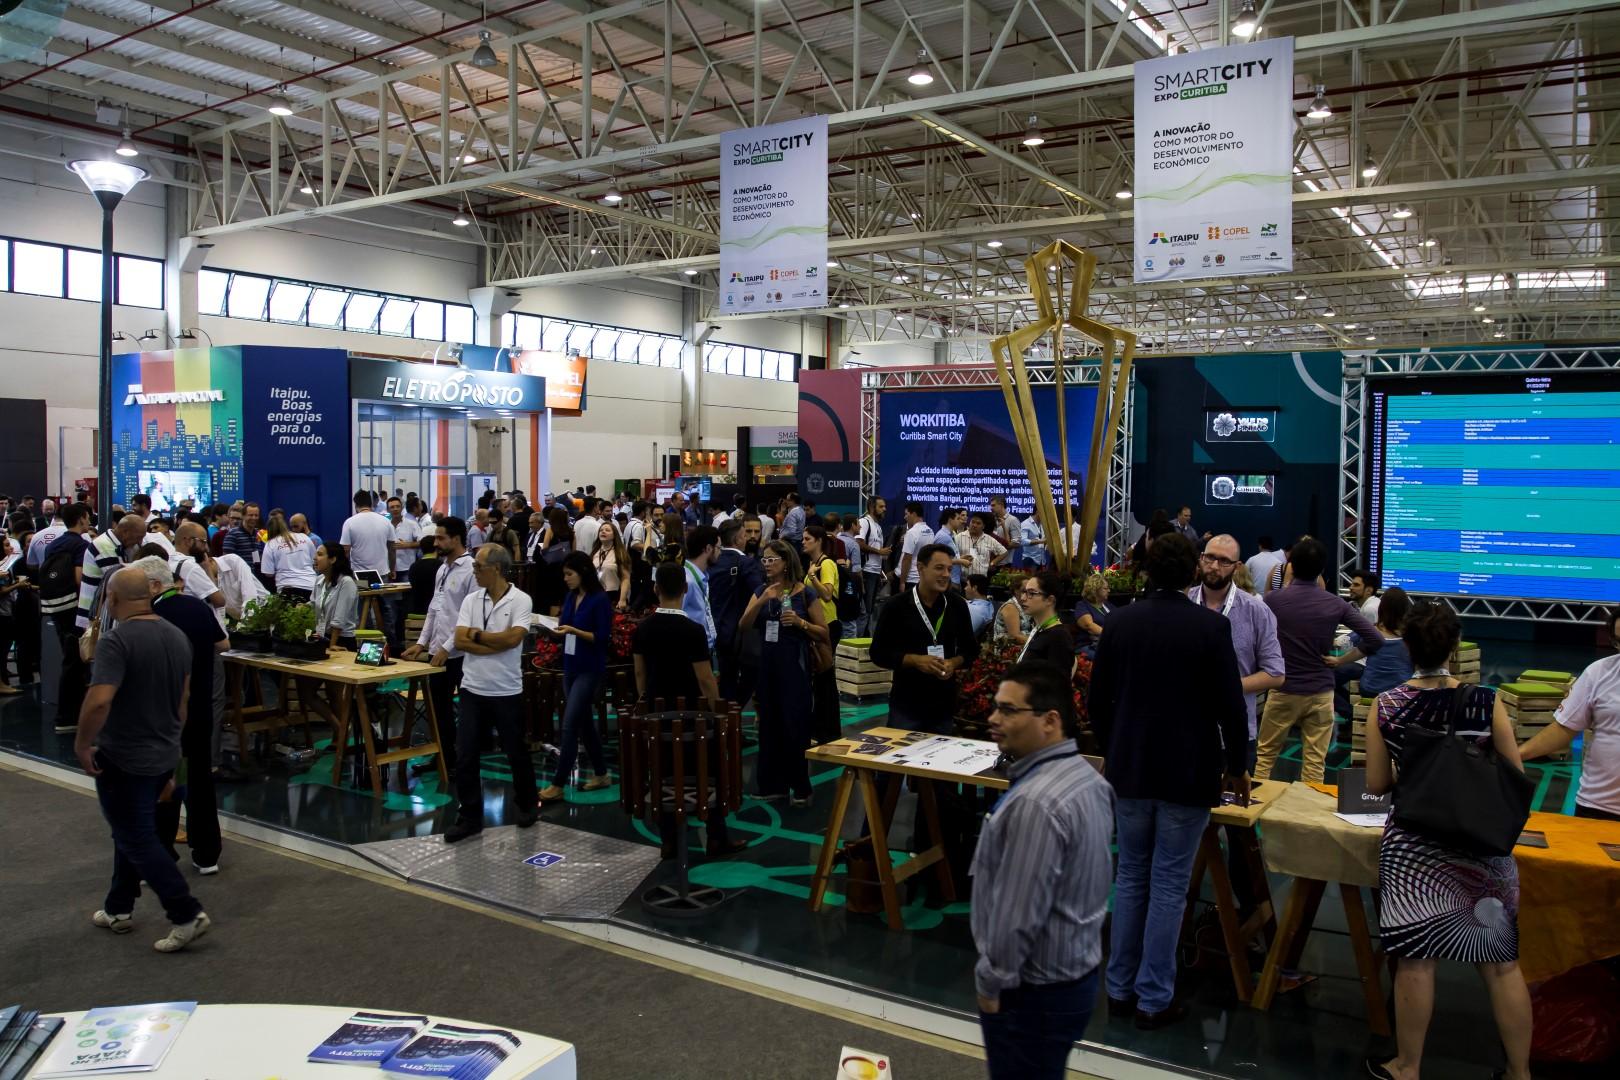 Espaço destinando ao Vale do Pinhão durante o Smart City Expo Curitiba. Foto: Ana Gabriella Amorim / Gazeta do Povo